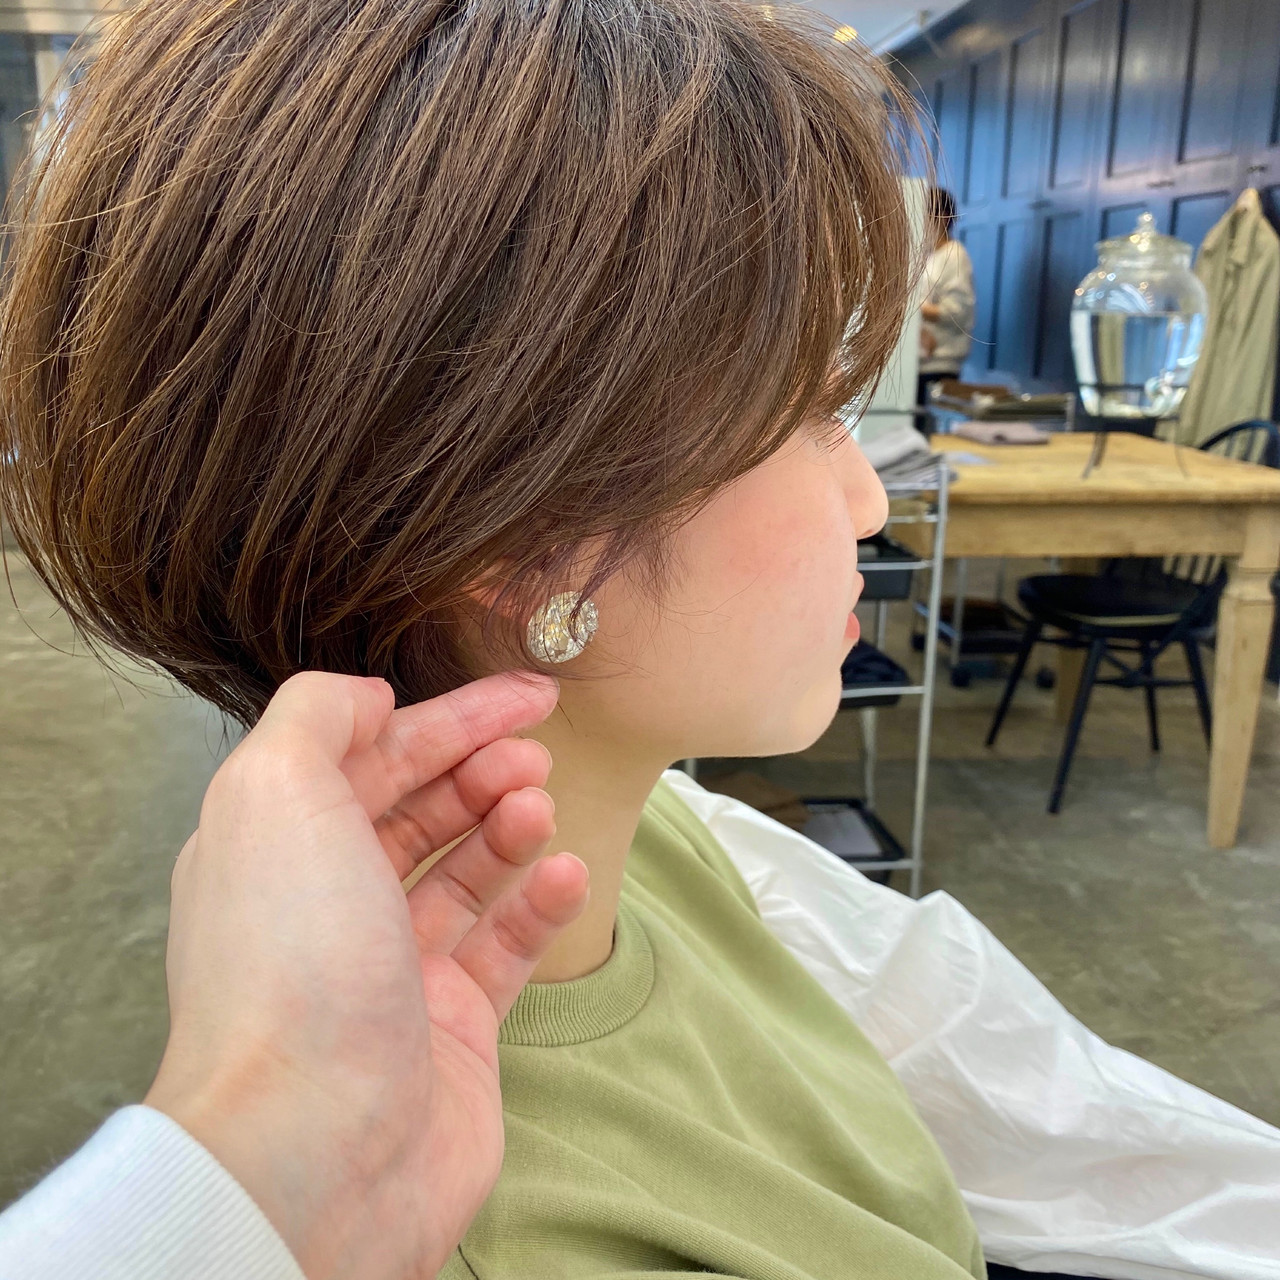 ショートヘア ショート ショートボブ アンニュイ ヘアスタイルや髪型の写真・画像 | 【ショート&ショートボブはお任せください】淺川聖 / parc sapporo